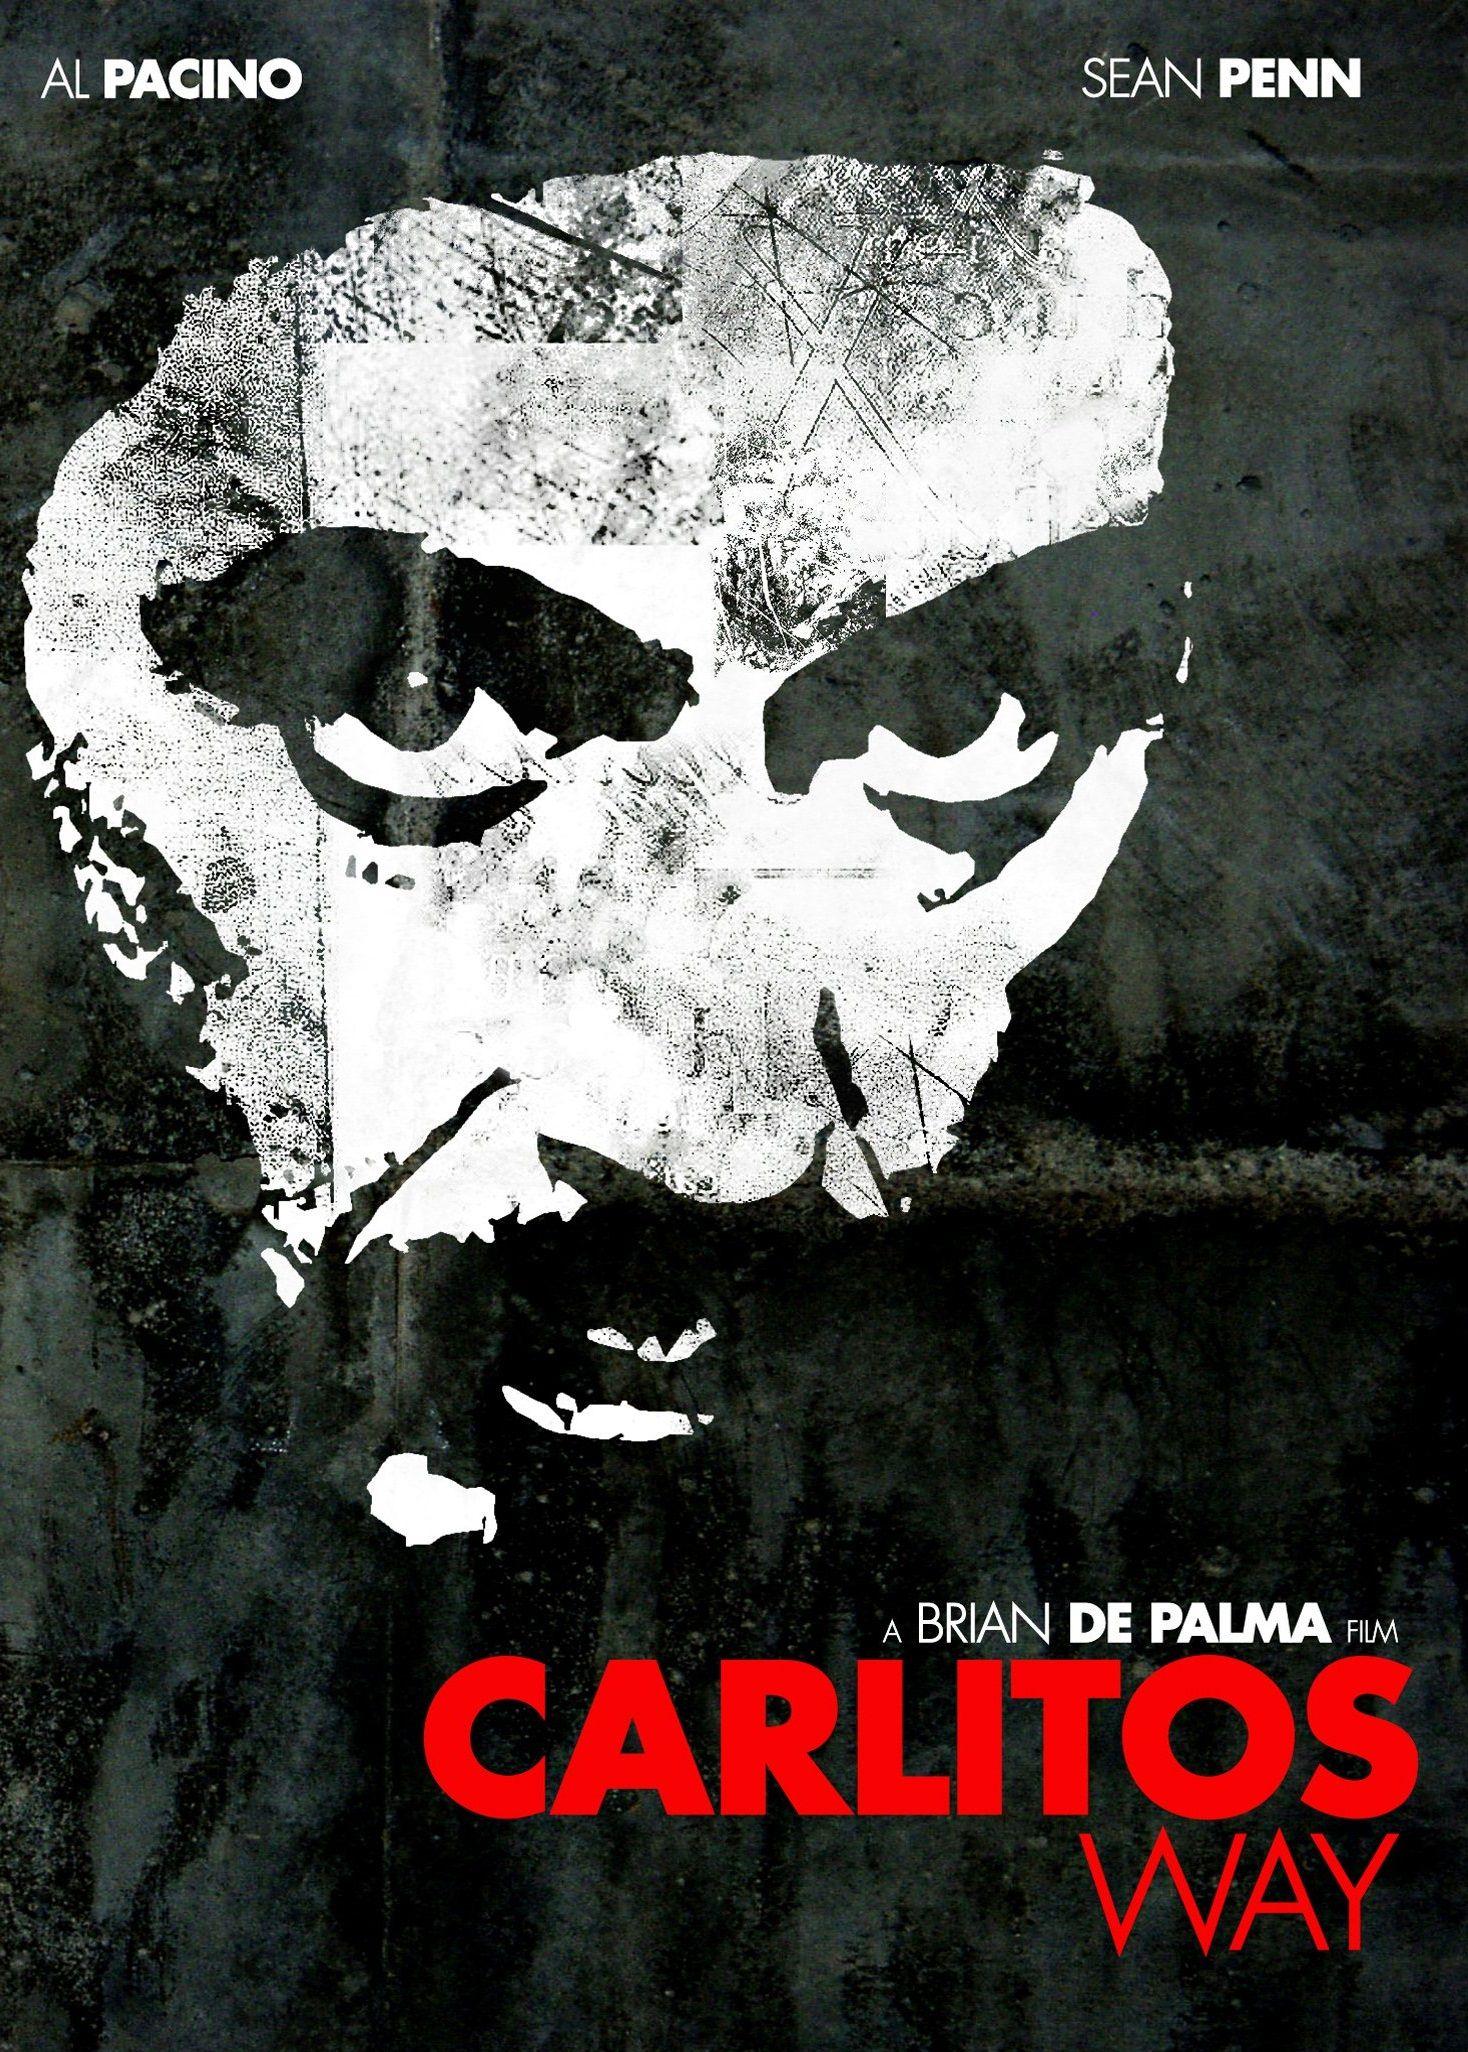 carlitos way poster for the brian de palma gangster